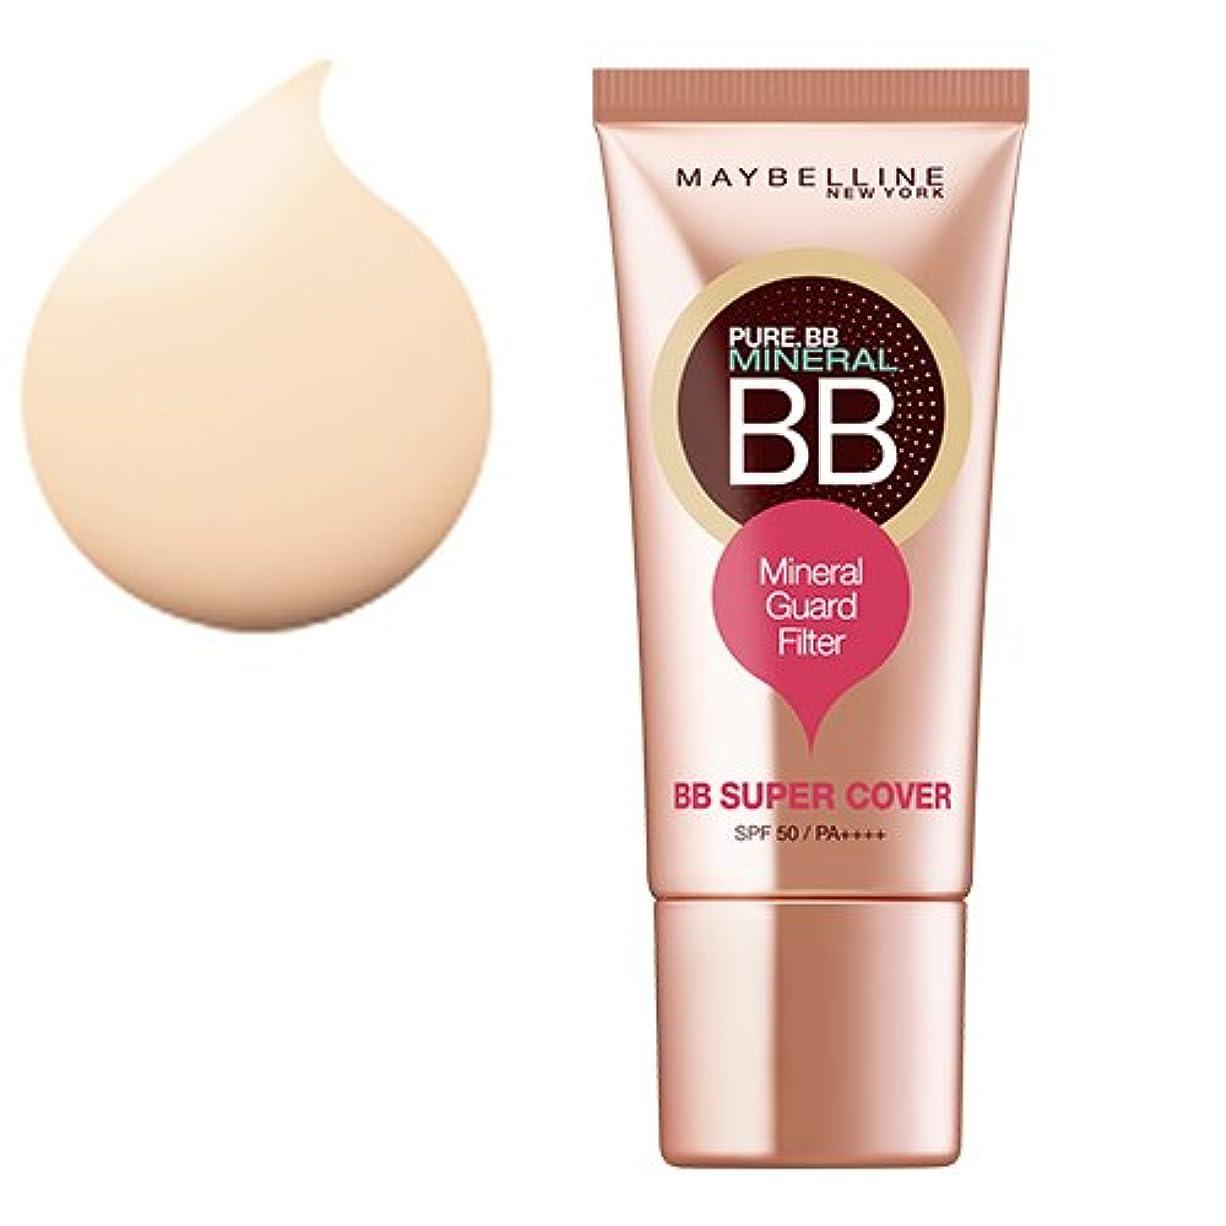 ボリューム最大ボリュームメイベリン BBクリーム ピュアミネラル BB SP カバー 01 ナチュラル ベージュ